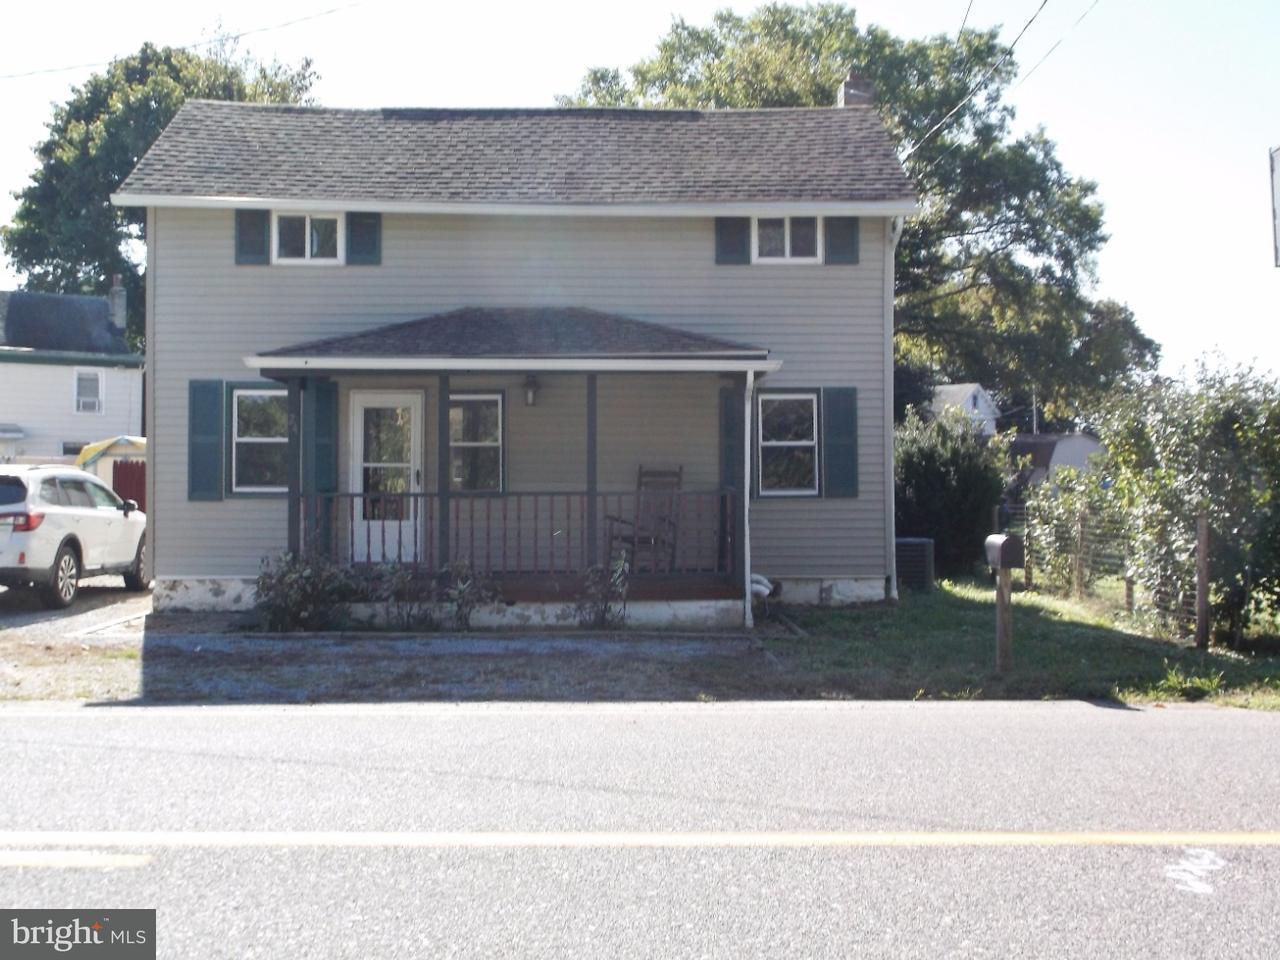 Maison unifamiliale pour l Vente à 24 WEST Avenue Shiloh, New Jersey 08353 États-Unis